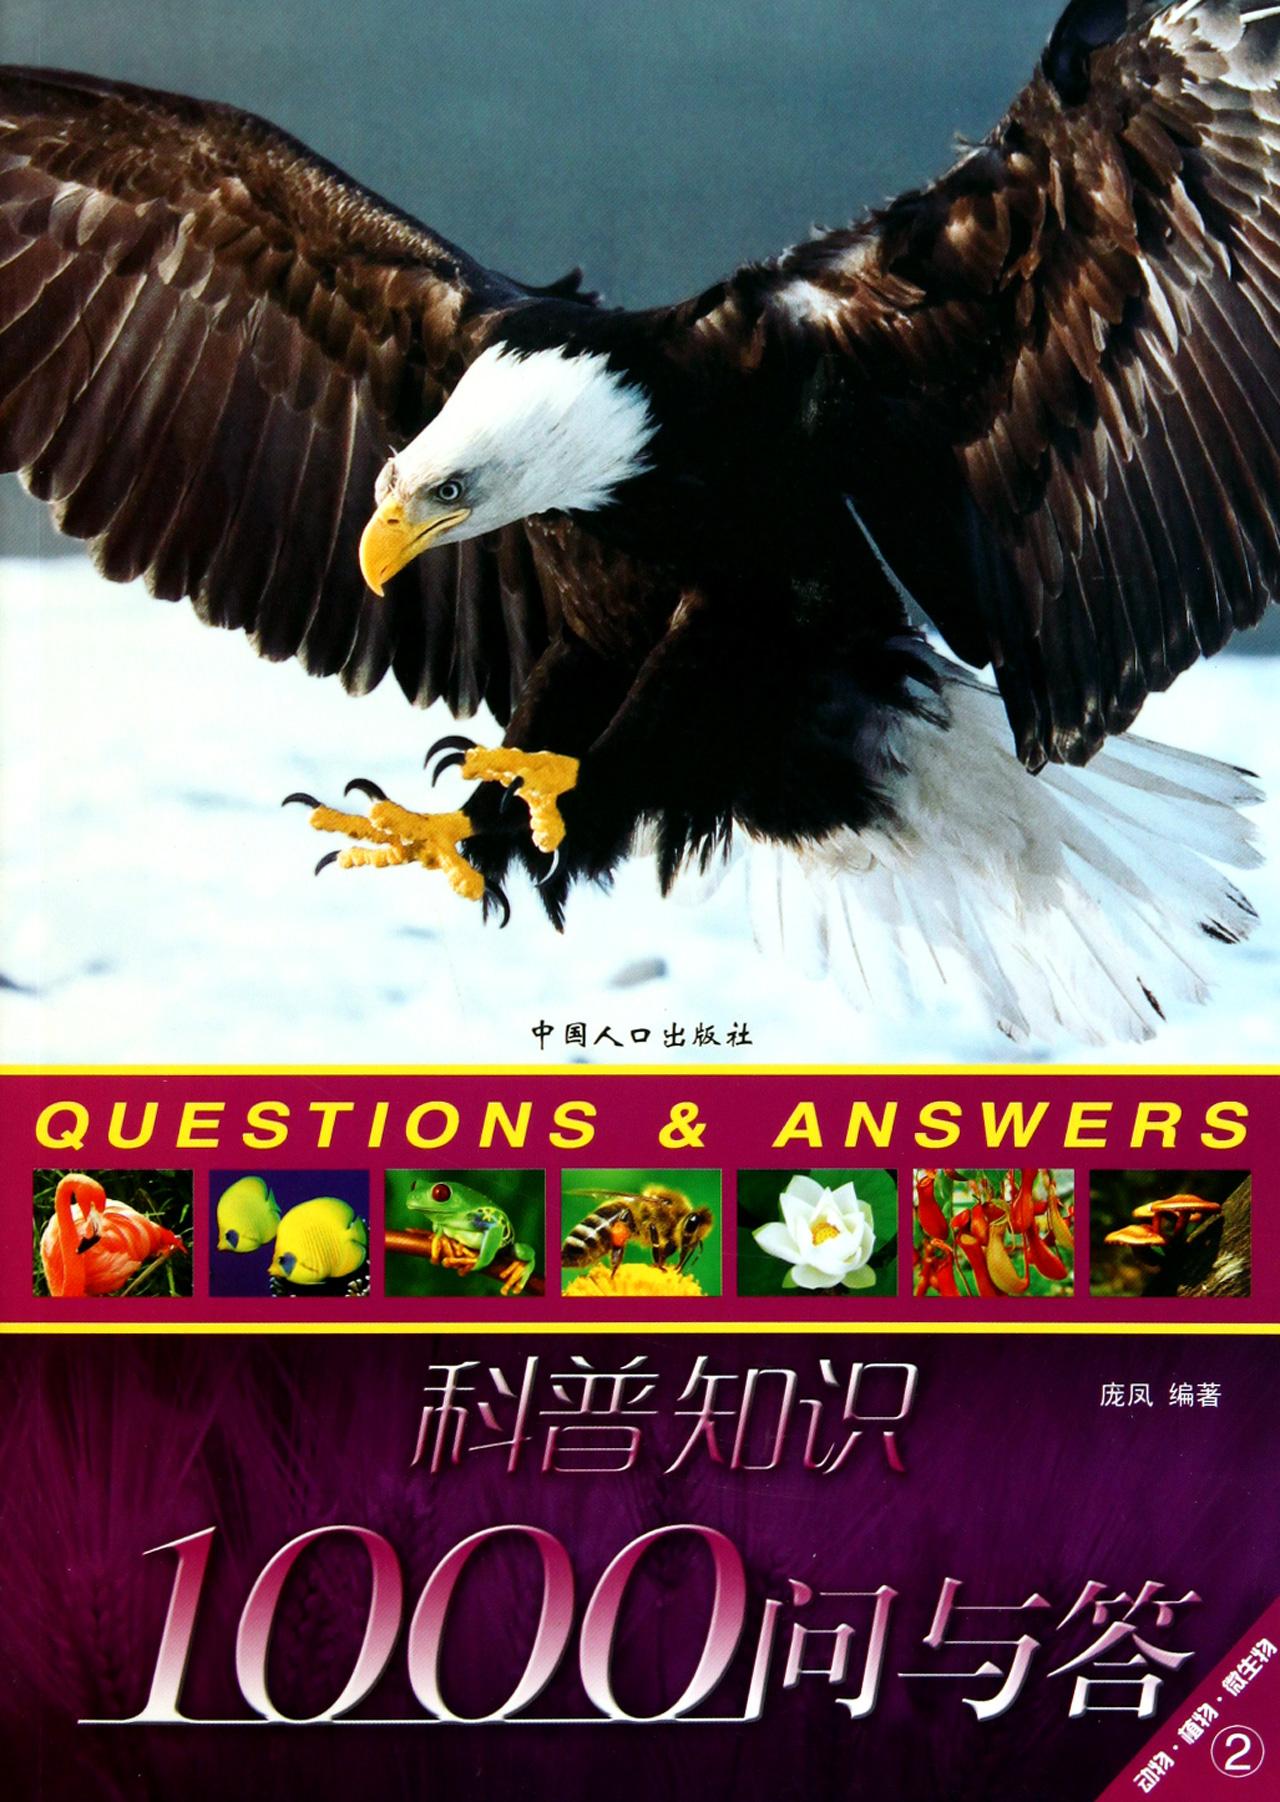 动物 什么是哺乳动物? 什么是恒温动物和变温动物? 爬行动物有什么特点? 两栖动物和爬行动物一样吗? 什么是腔肠动物? 什么是环节动物? 什么是软体动物? 什么是节肢动物? 什么是棘皮动物? 什么是留鸟与候鸟? 动物为什么会预报地震? 动物为什么会冬眠? 动物也有年轮吗? 动物也会做梦吗? 为什么动物的舌头奇形怪状? 动物的血都是红色的吗? 动物为什么会变色? 什么是拟态? 什么是保护色? 什么是警戒色? 什么是迁徙? 为什么动物的尾巴会不一样? 为什么澳大利亚会有很多有袋类动物? 狮子为什么被称为兽中之